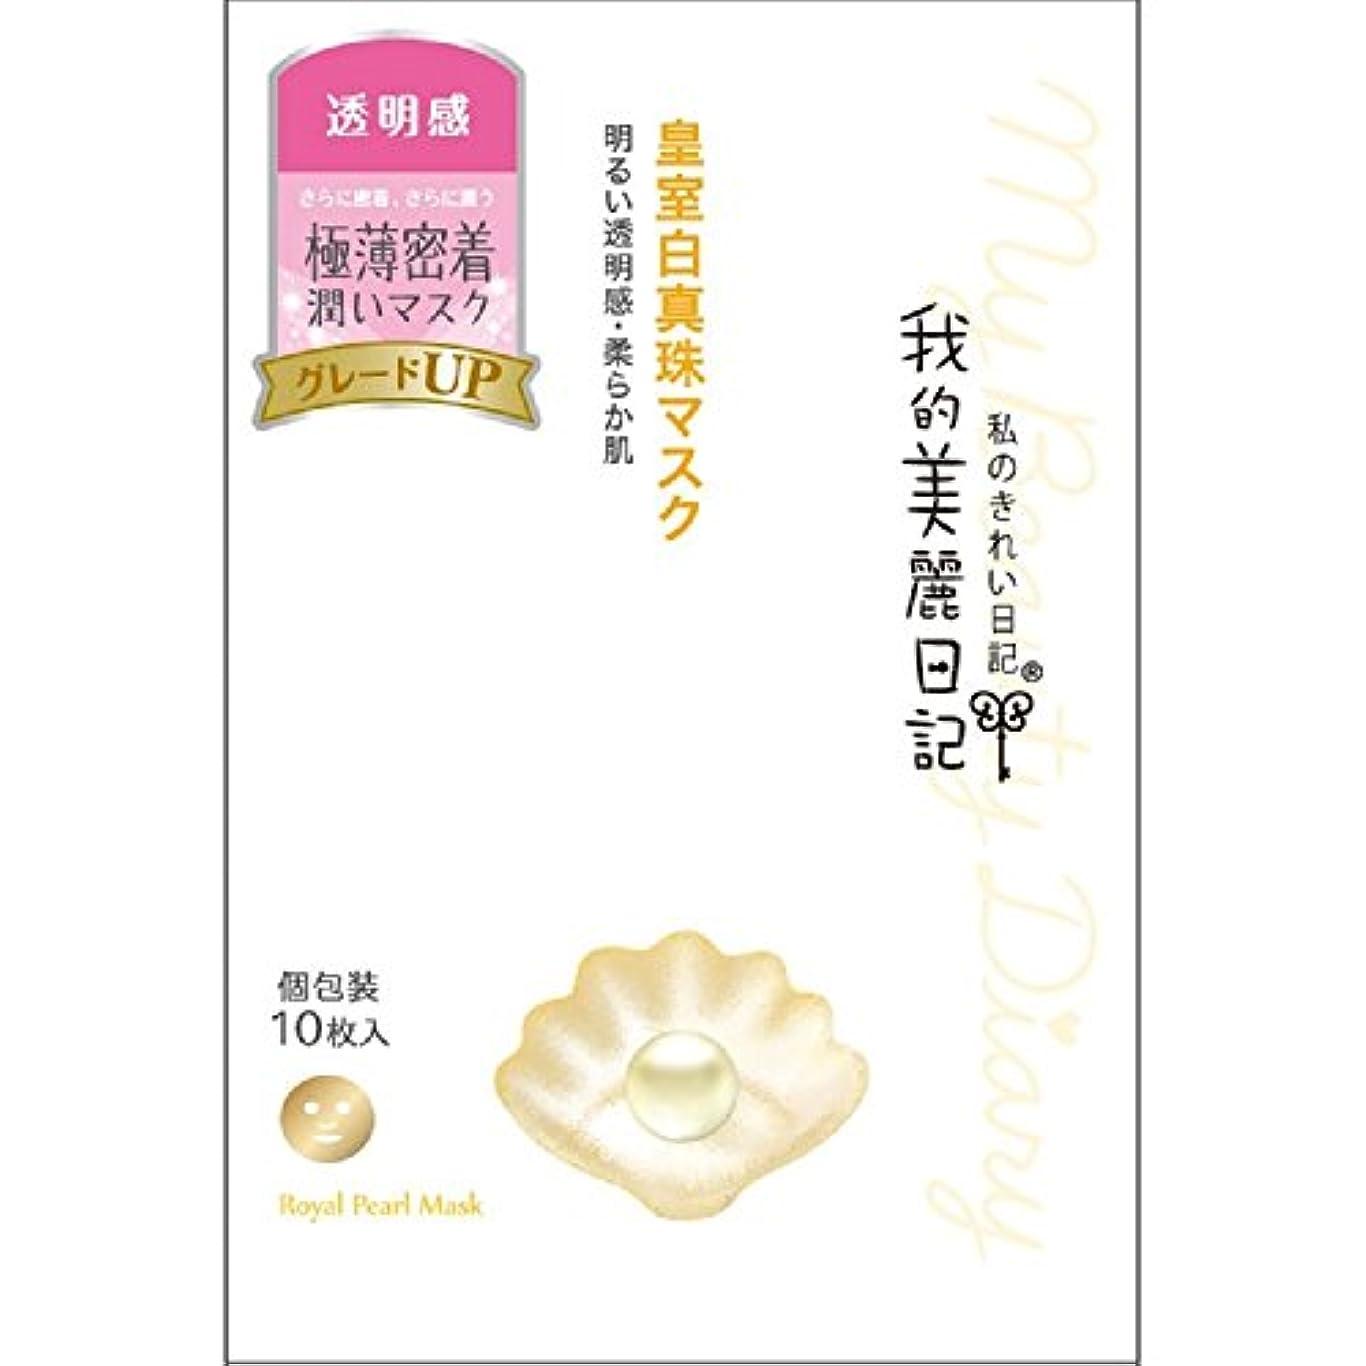 参照小川オーチャード私のきれい日記 皇室白真珠マスク 10枚入り